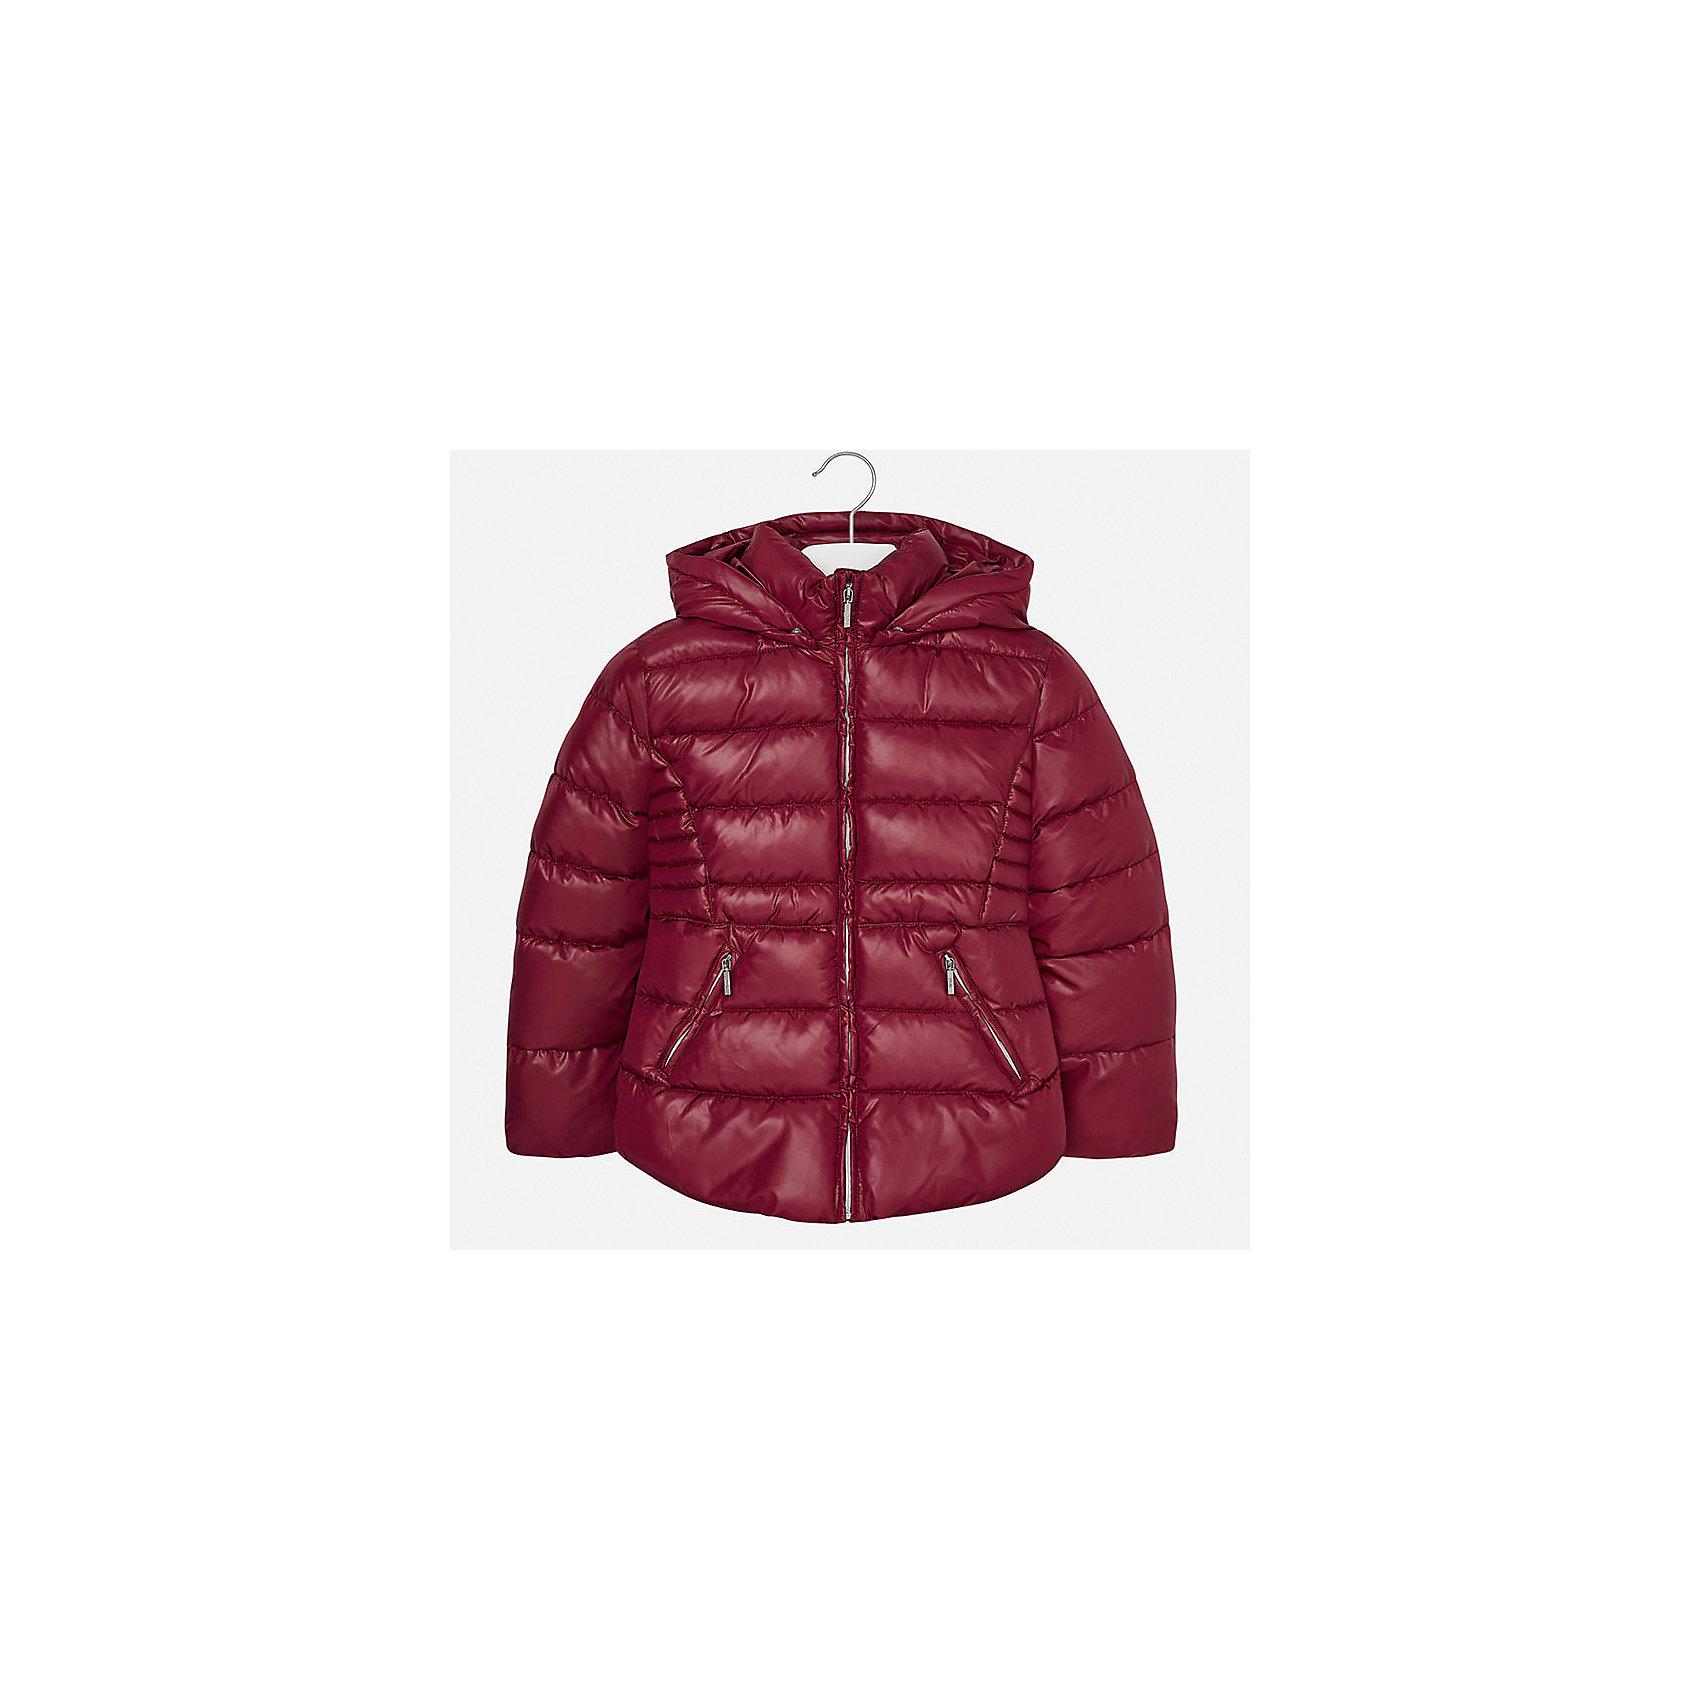 Куртка для девочки MayoralДемисезонные куртки<br>Характеристики товара:<br><br>• цвет: красный<br>• состав ткани: 100% полиэстер<br>• подкладка: 100% полиэстер<br>• утеплитель: 100% полиэстер<br>• сезон: демисезон<br>• температурный режим: от -10 до +10<br>• особенности куртки: дутая, с капюшоном<br>• капюшон: съемный<br>• застежка: молния<br>• страна бренда: Испания<br>• страна изготовитель: Индия<br><br>Красная демисезонная детская куртка для девочки подойдет для переменной погоды. Отличный способ обеспечить ребенку комфорт - надеть теплую куртку от Mayoral. Детская куртка сшита из легкого материала. Куртка для девочки Mayoral дополнена теплой подкладкой. <br><br>Куртку для девочки Mayoral (Майорал) можно купить в нашем интернет-магазине.<br><br>Ширина мм: 356<br>Глубина мм: 10<br>Высота мм: 245<br>Вес г: 519<br>Цвет: красный<br>Возраст от месяцев: 168<br>Возраст до месяцев: 180<br>Пол: Женский<br>Возраст: Детский<br>Размер: 170,128/134,140,152,158,164<br>SKU: 6920122